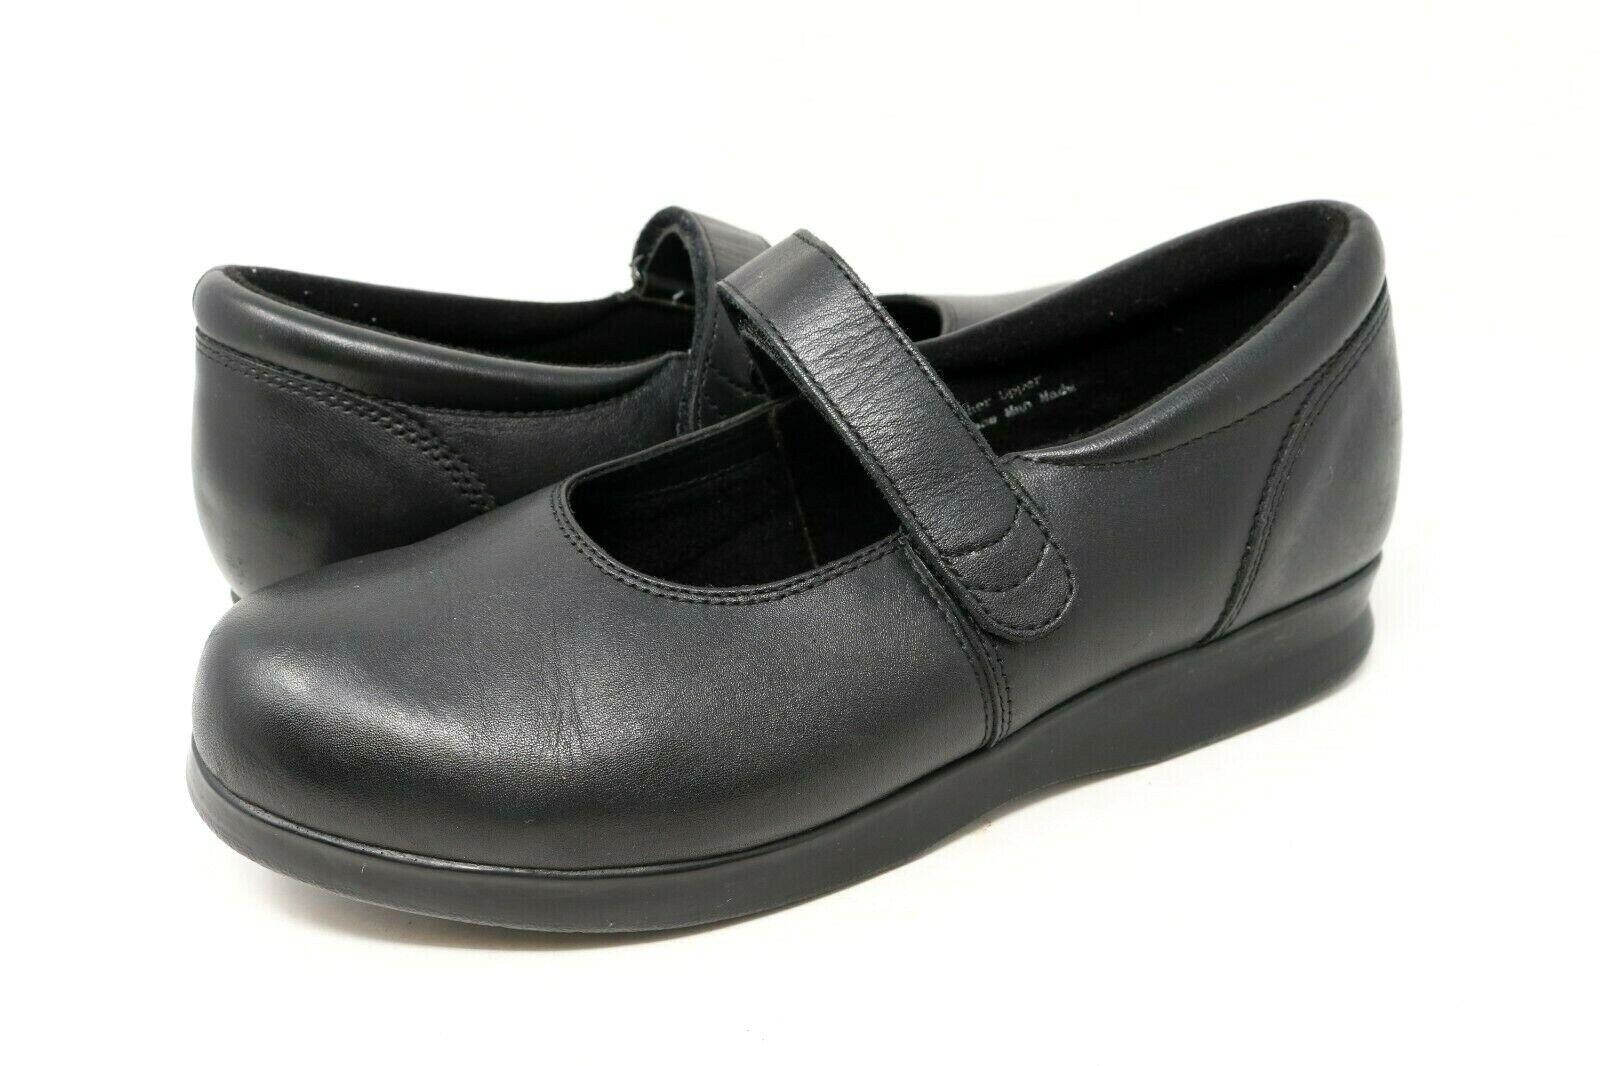 Drew Bloom II chaussures Mary Jane noir Orthopédique Diabétique chaussures Sz 10.5 m